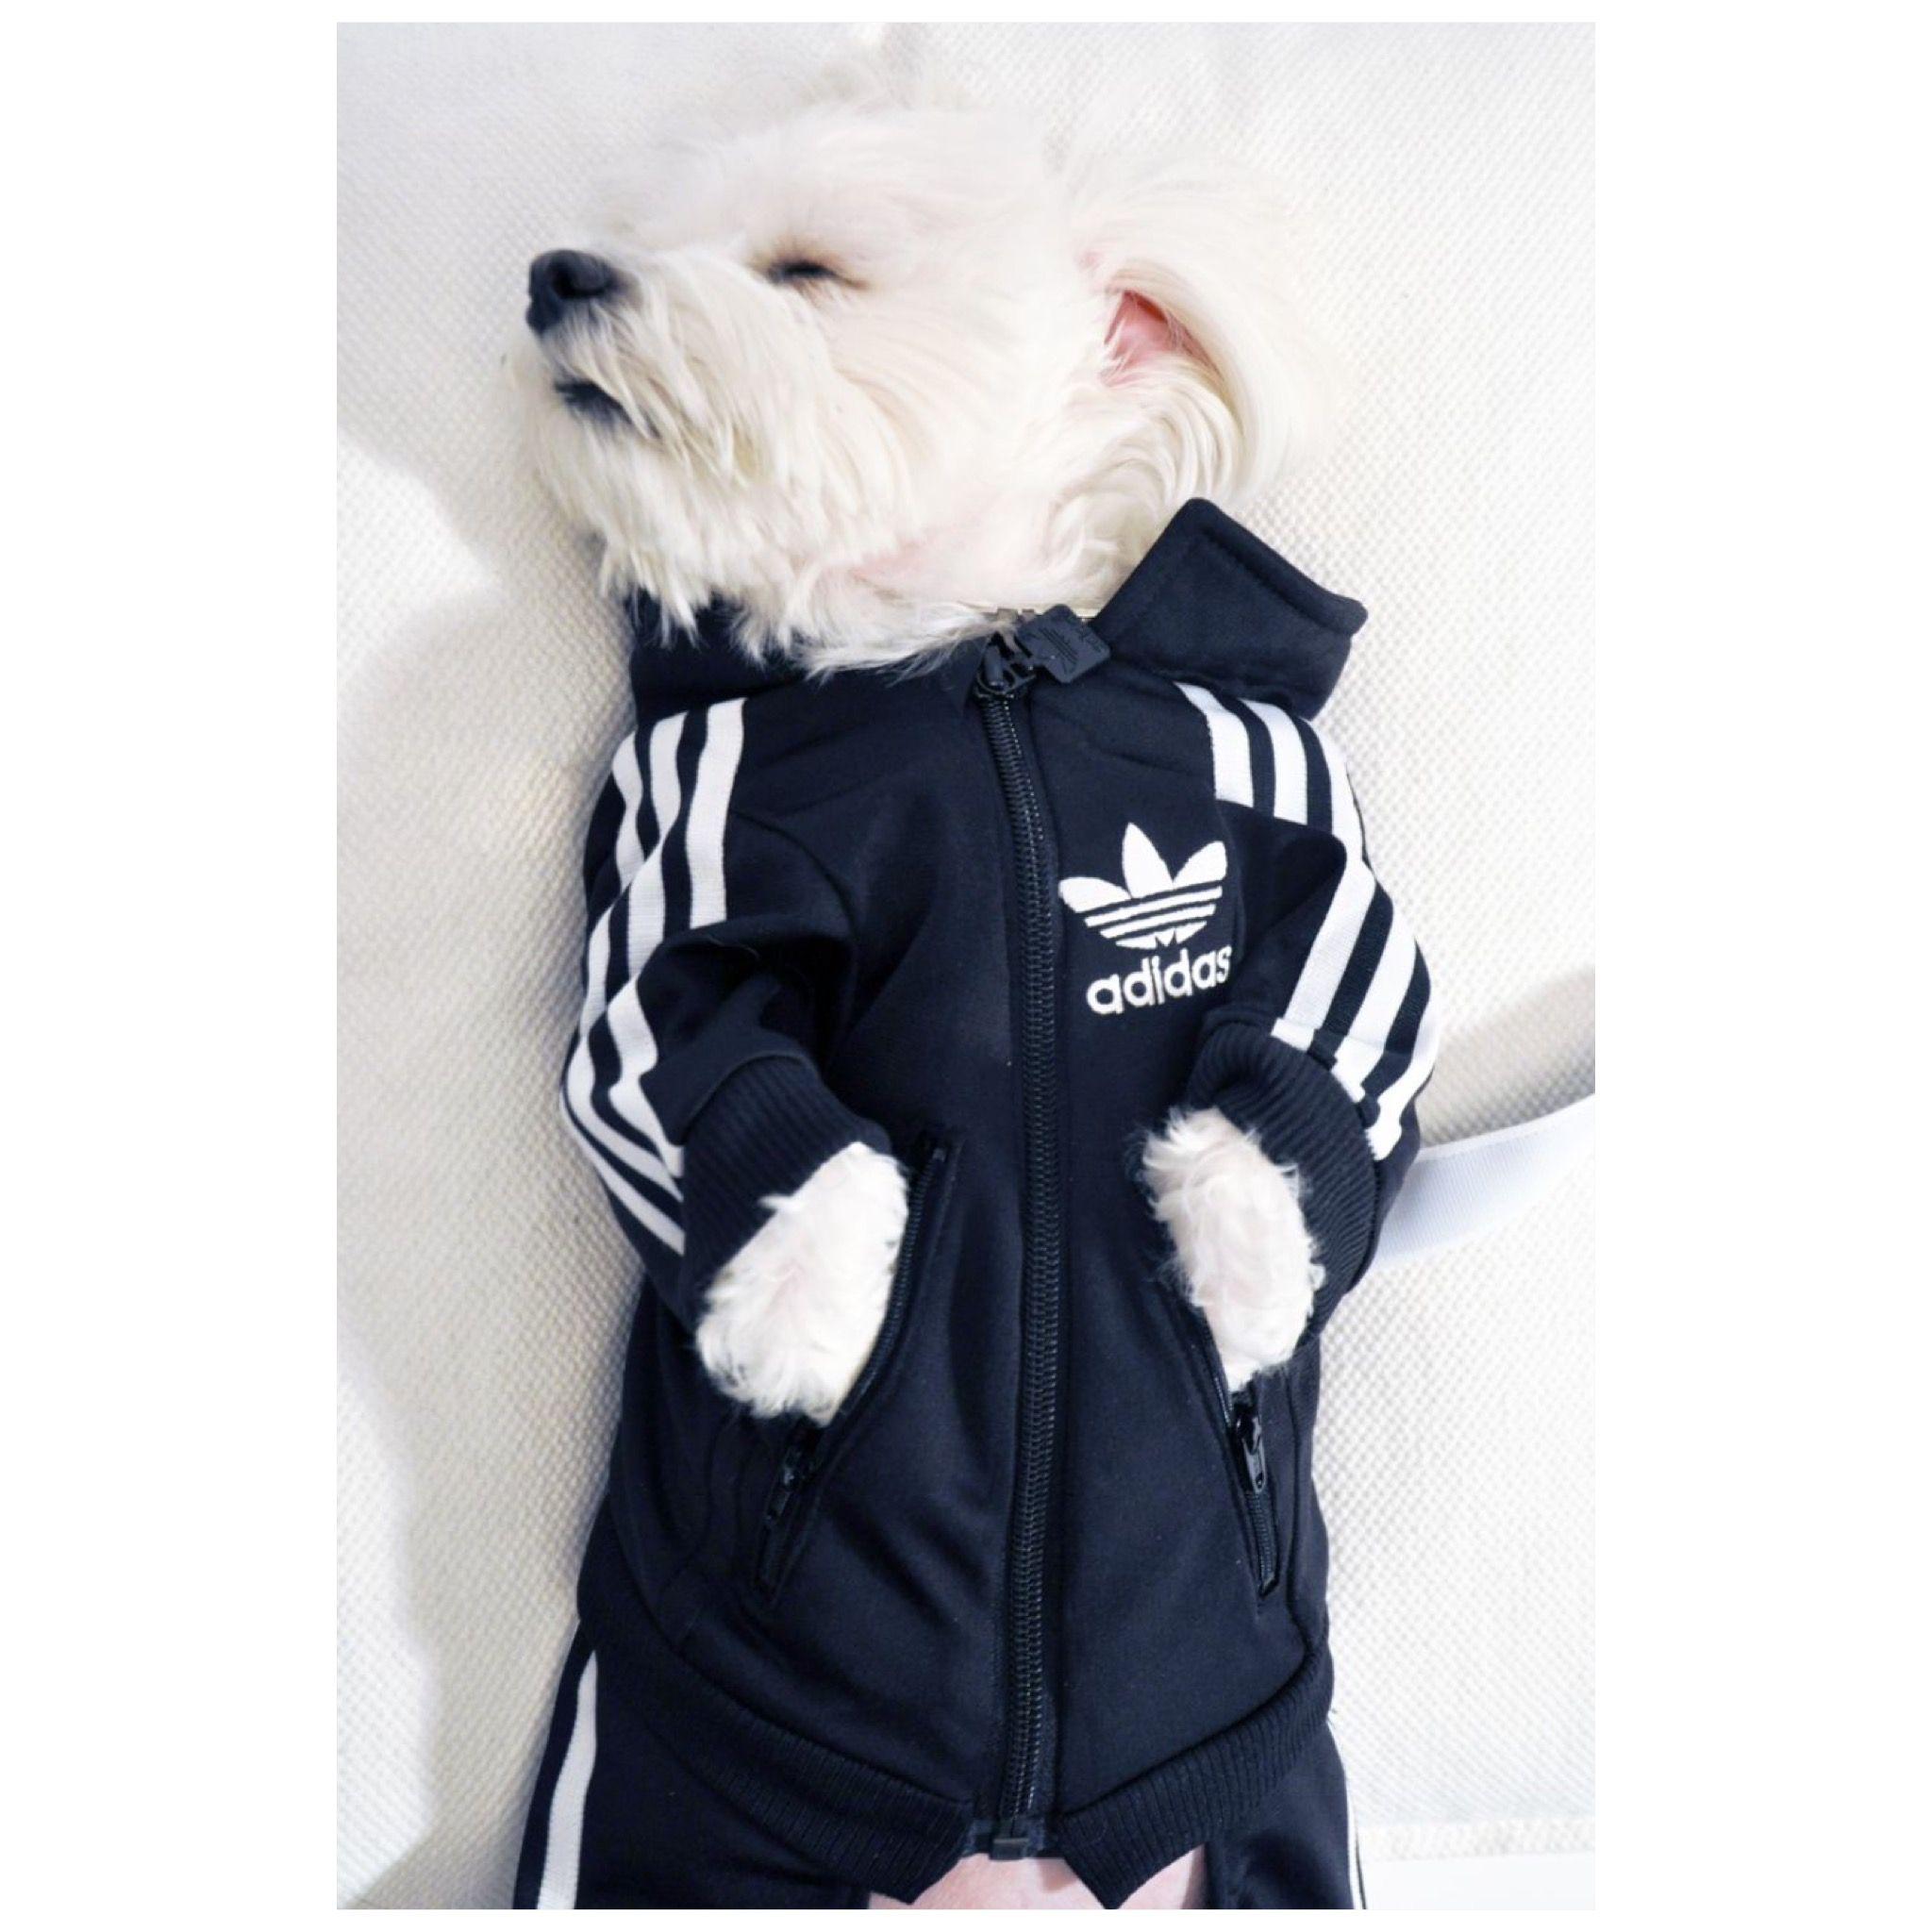 Pour March Survêtement Jogging Prêt Adidas Dog Le Chien qwEqTF